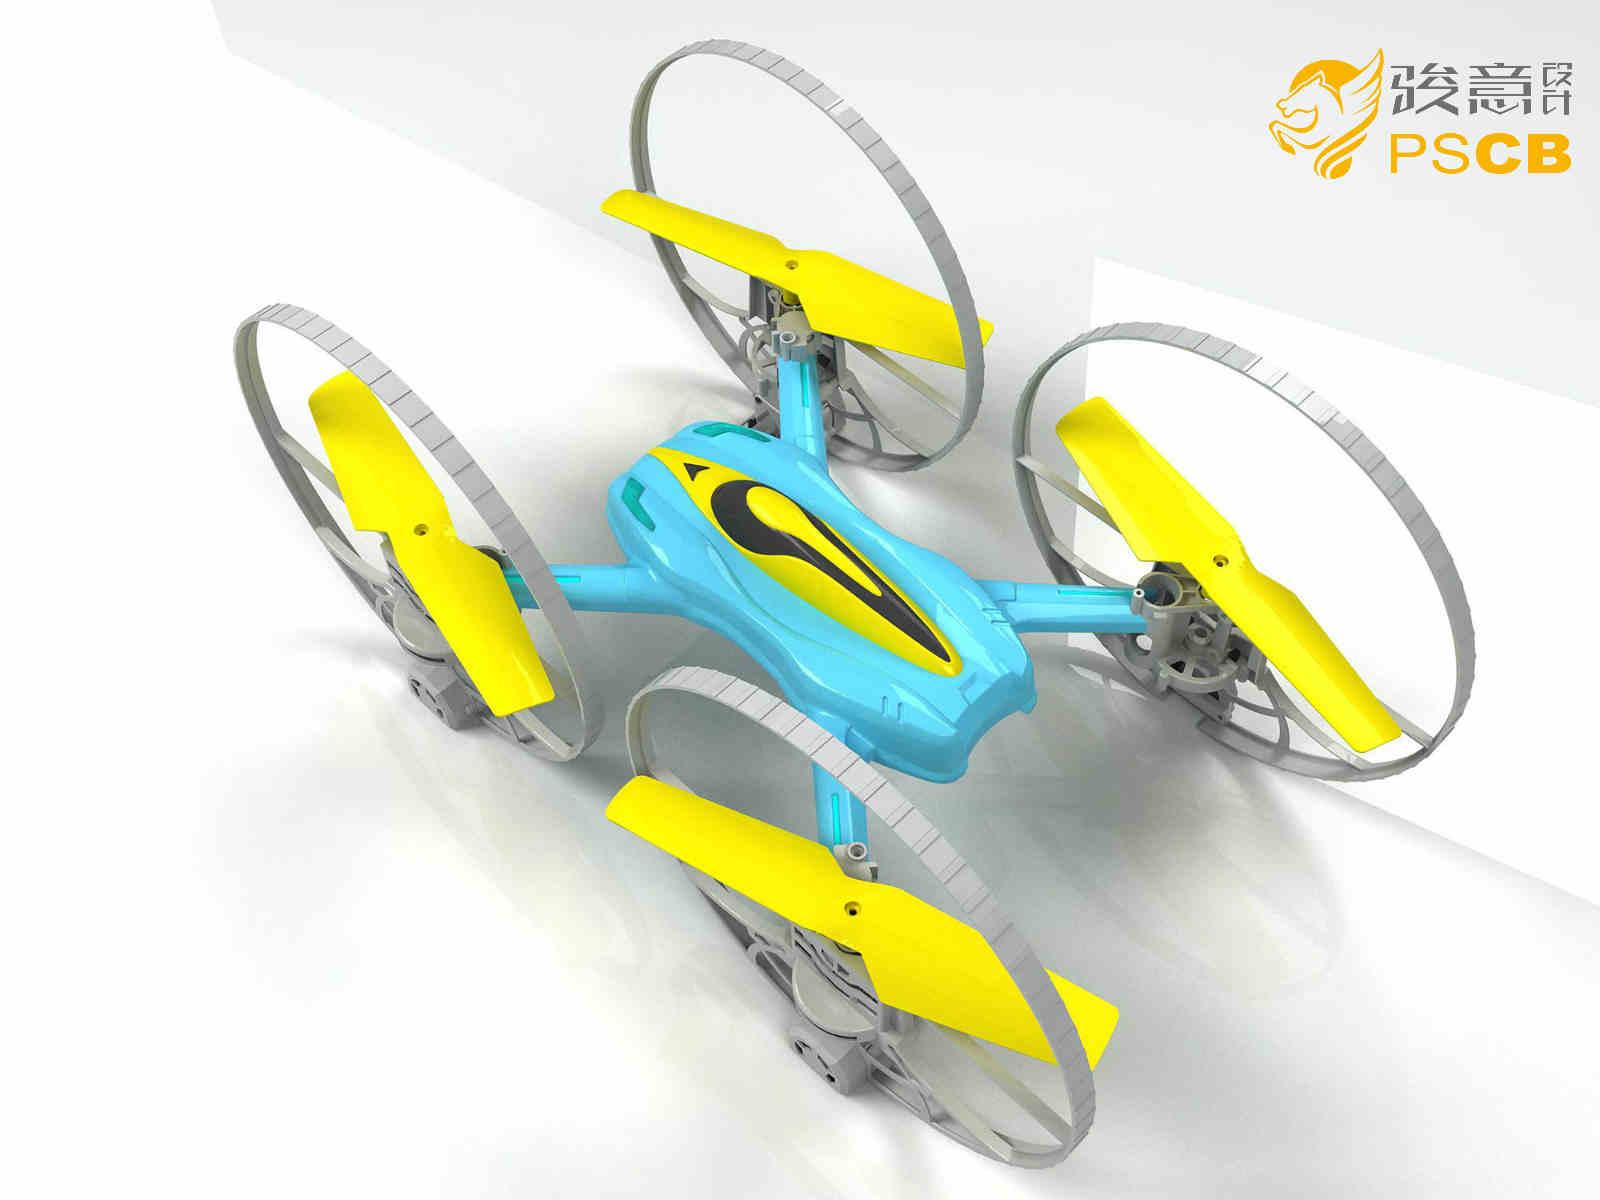 轮型四轴无人机定制